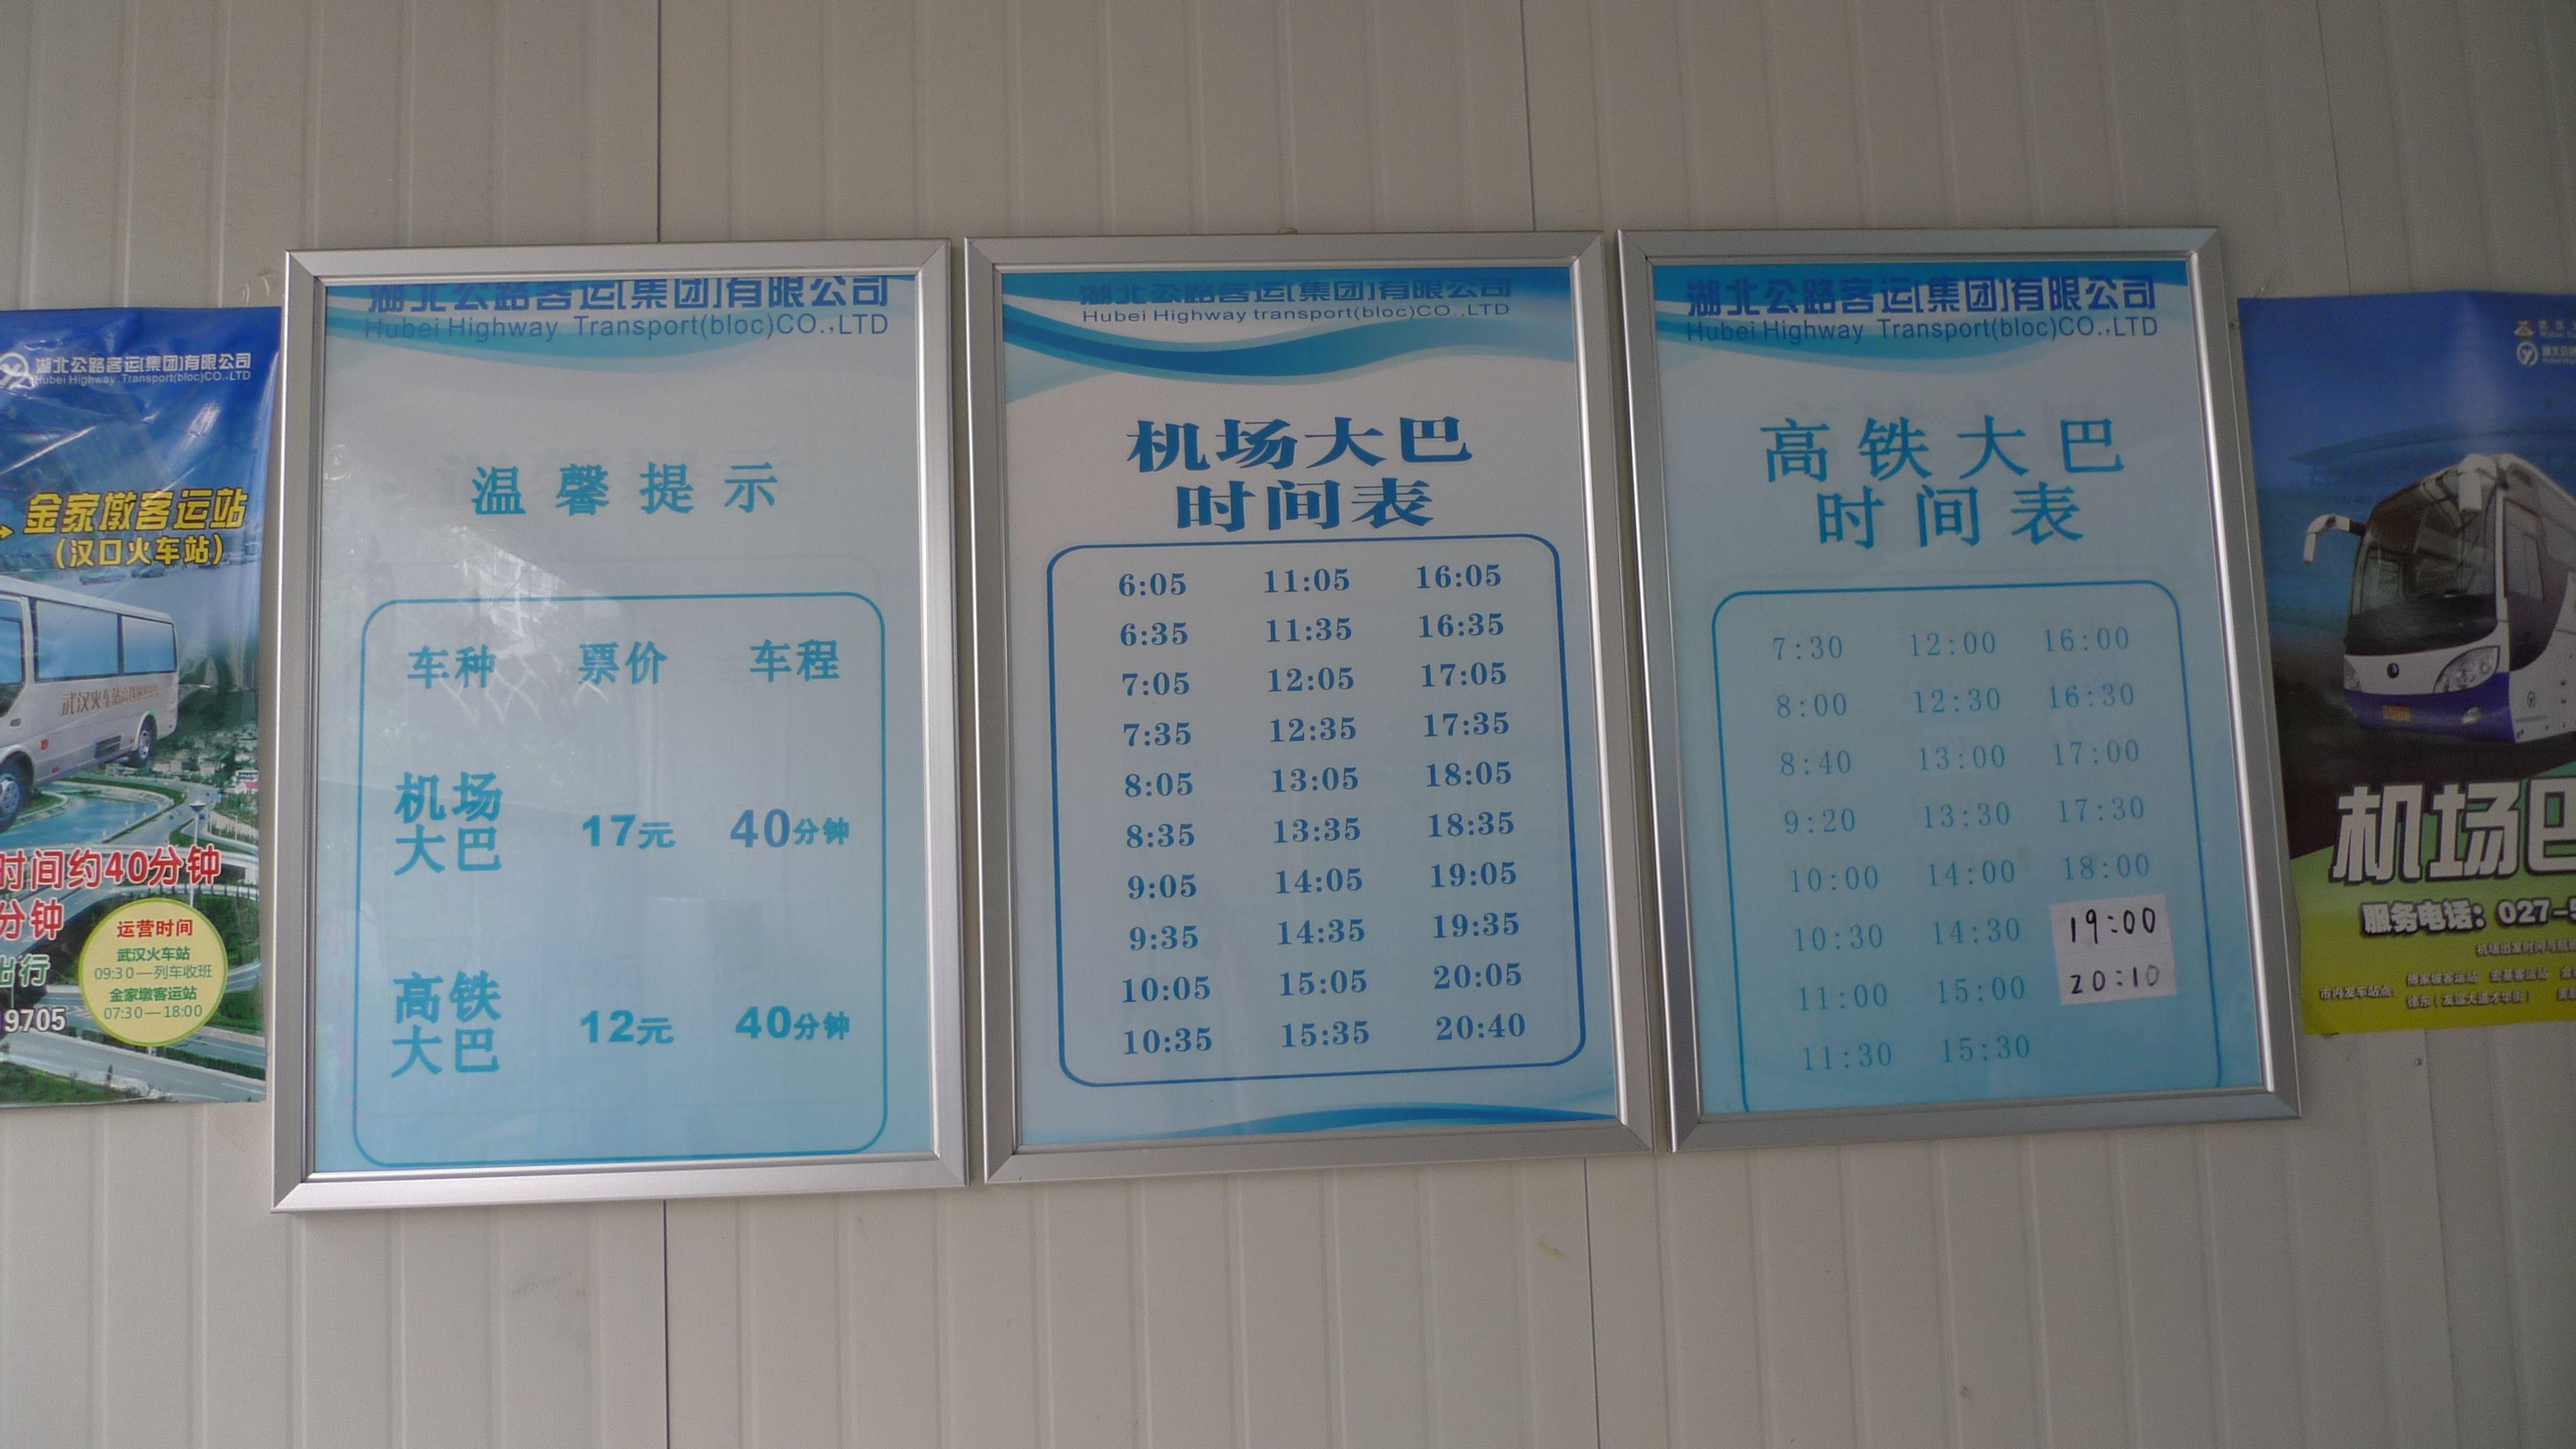 武汉机场大巴时刻表_票价,时间表;机场大巴原来是15元,现在涨到17元